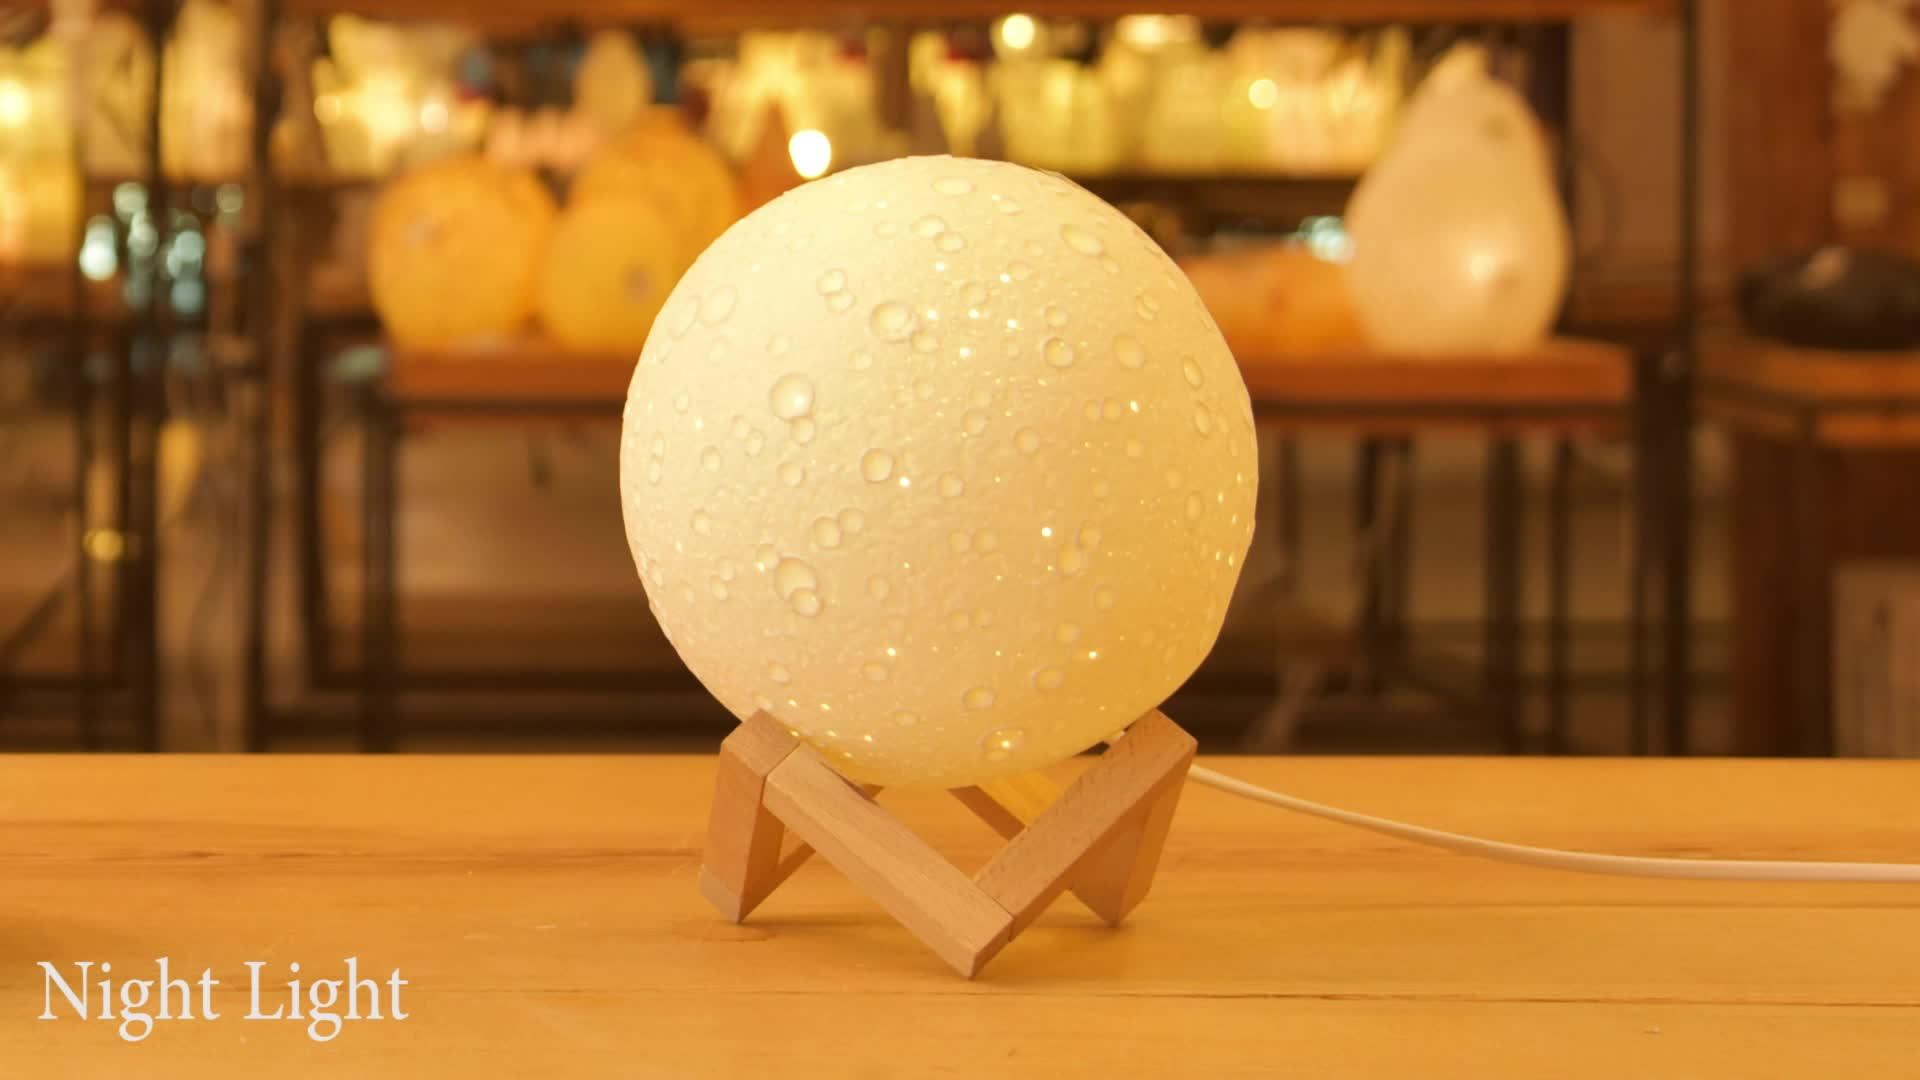 クリエイティブデザインセラミック満月の夜ランプ誕生日結婚式の好意のギフト